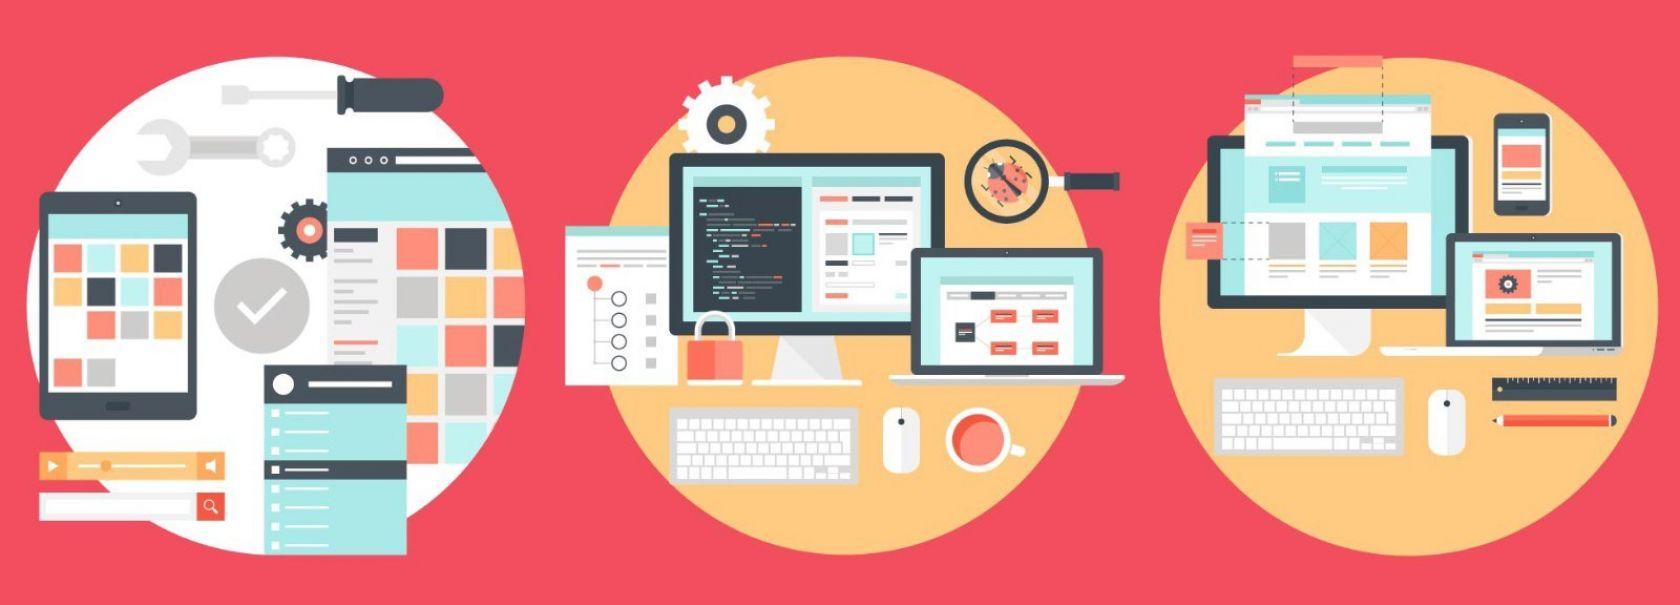 Разработка концепции продвижения сайта поведенческие факторы для вывода в топ Валовая улица